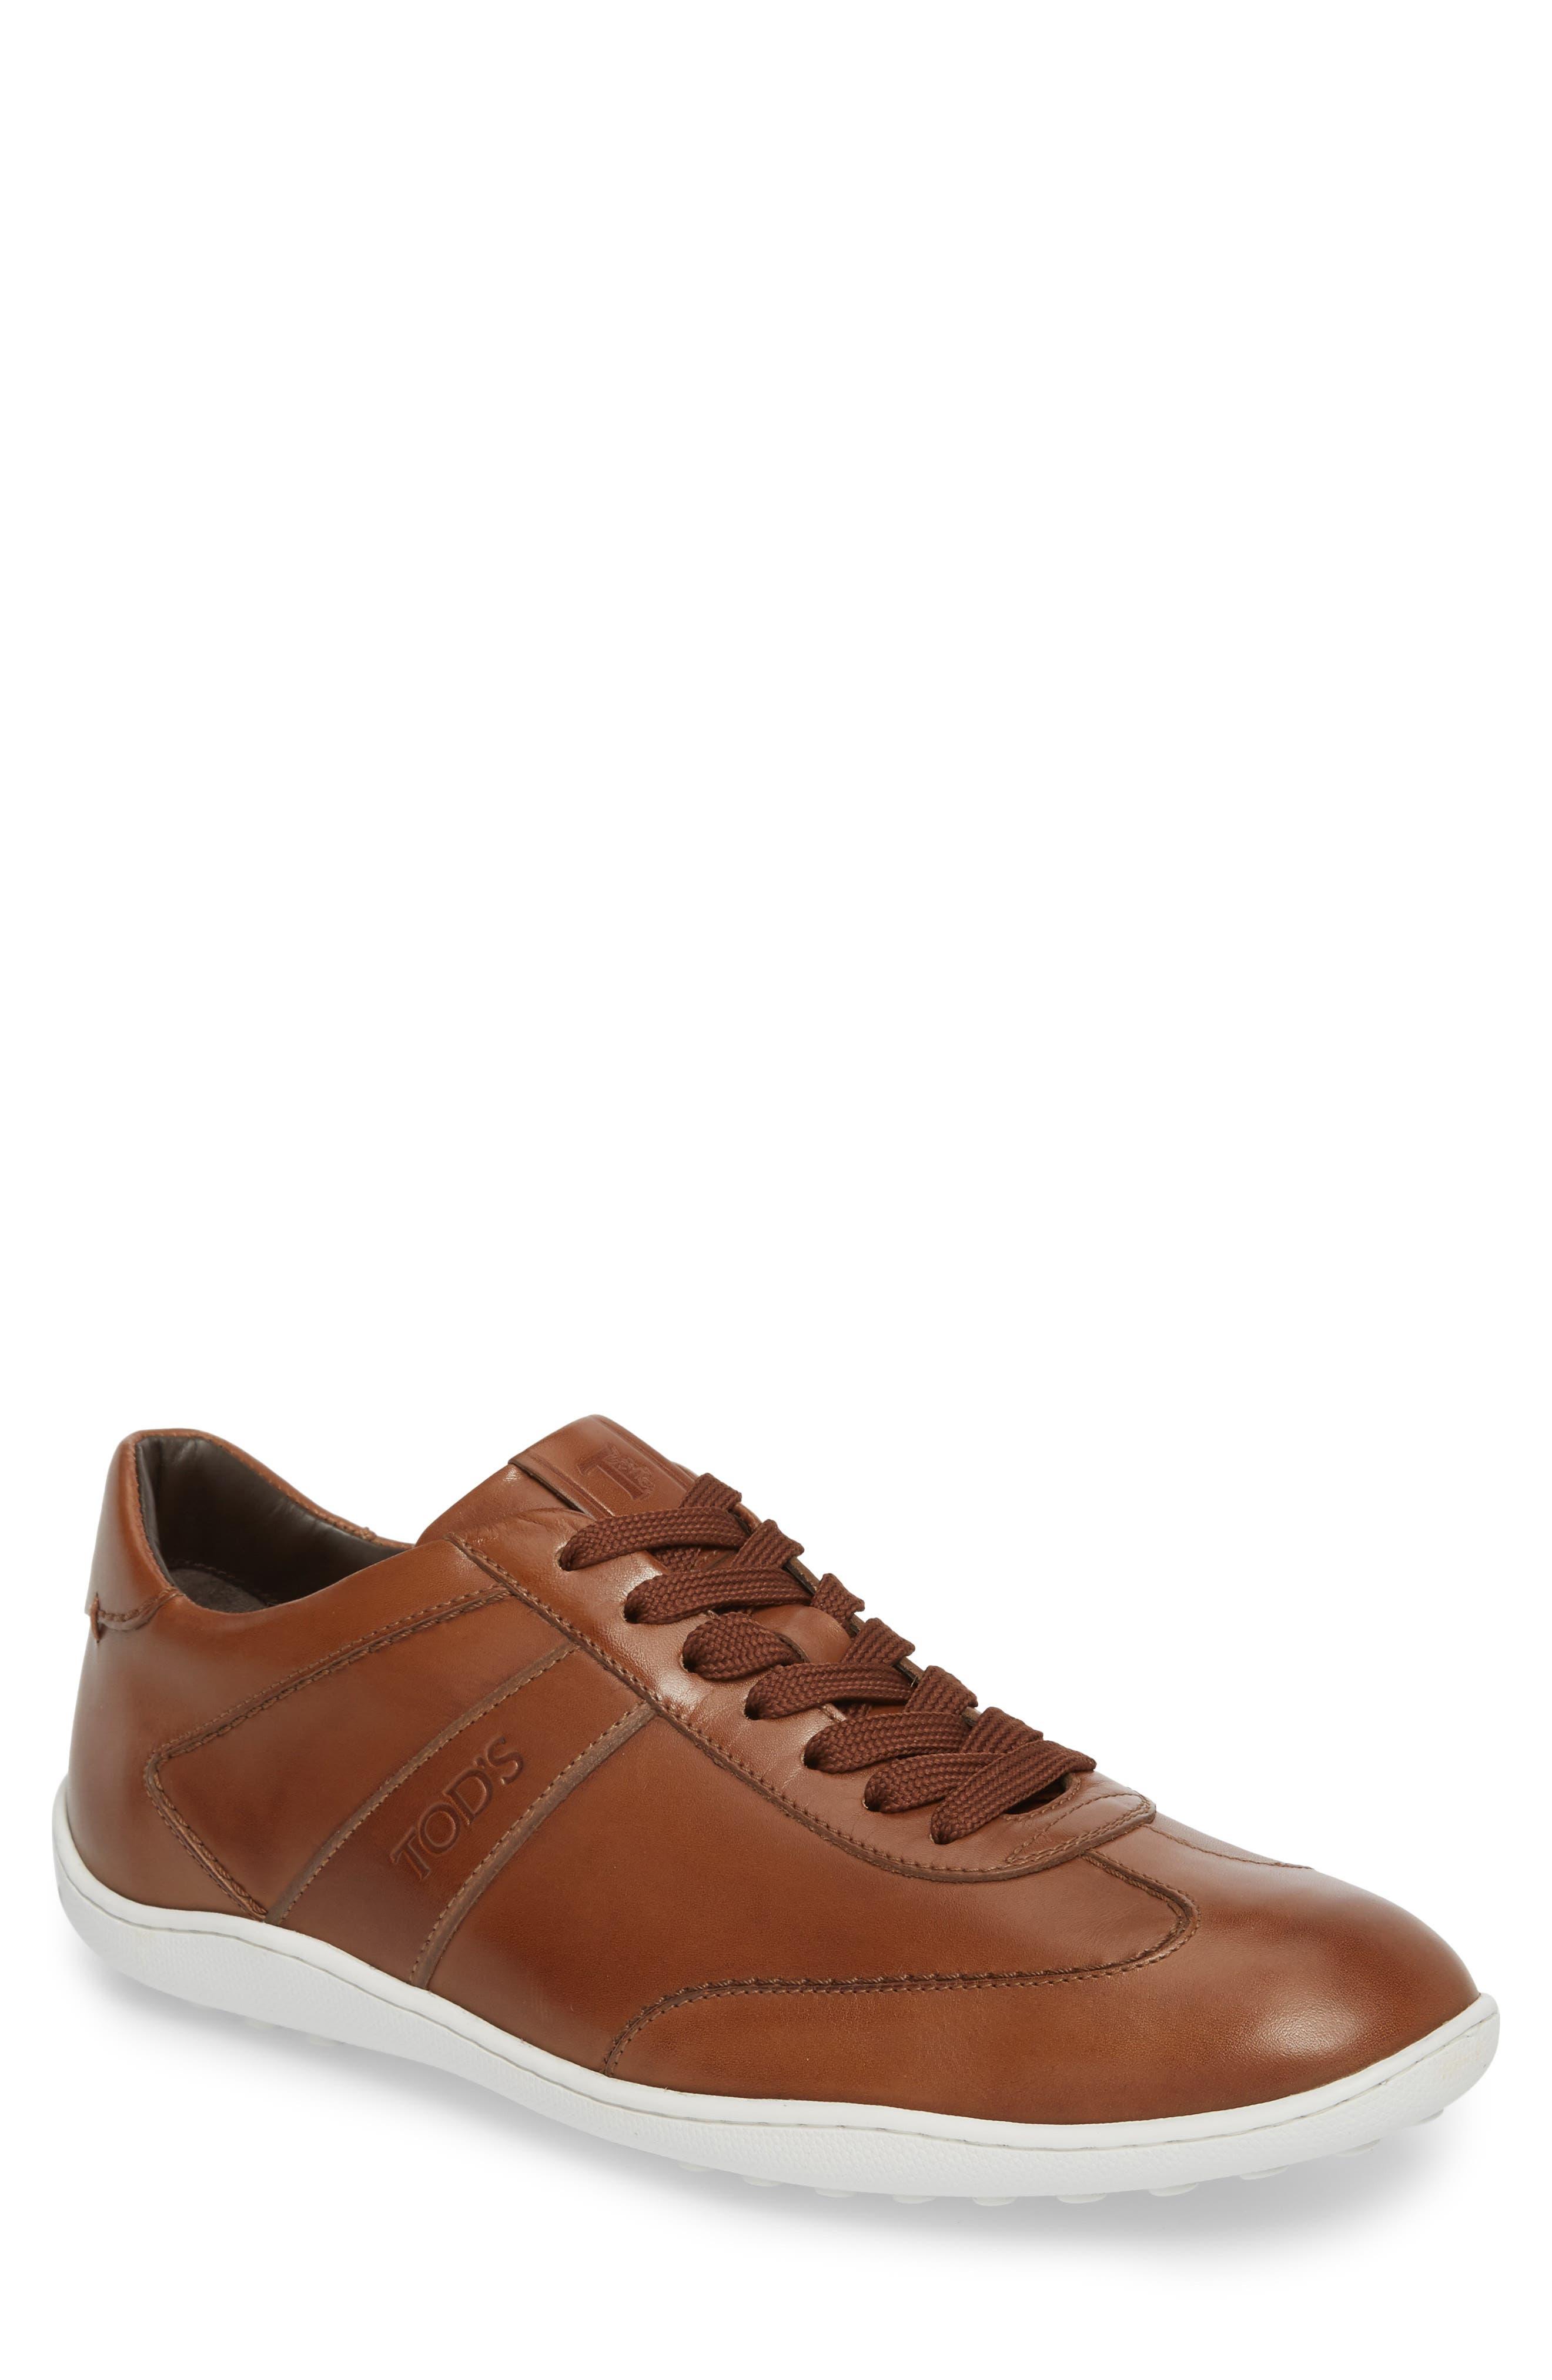 Tod's Owen Sneaker (Men)